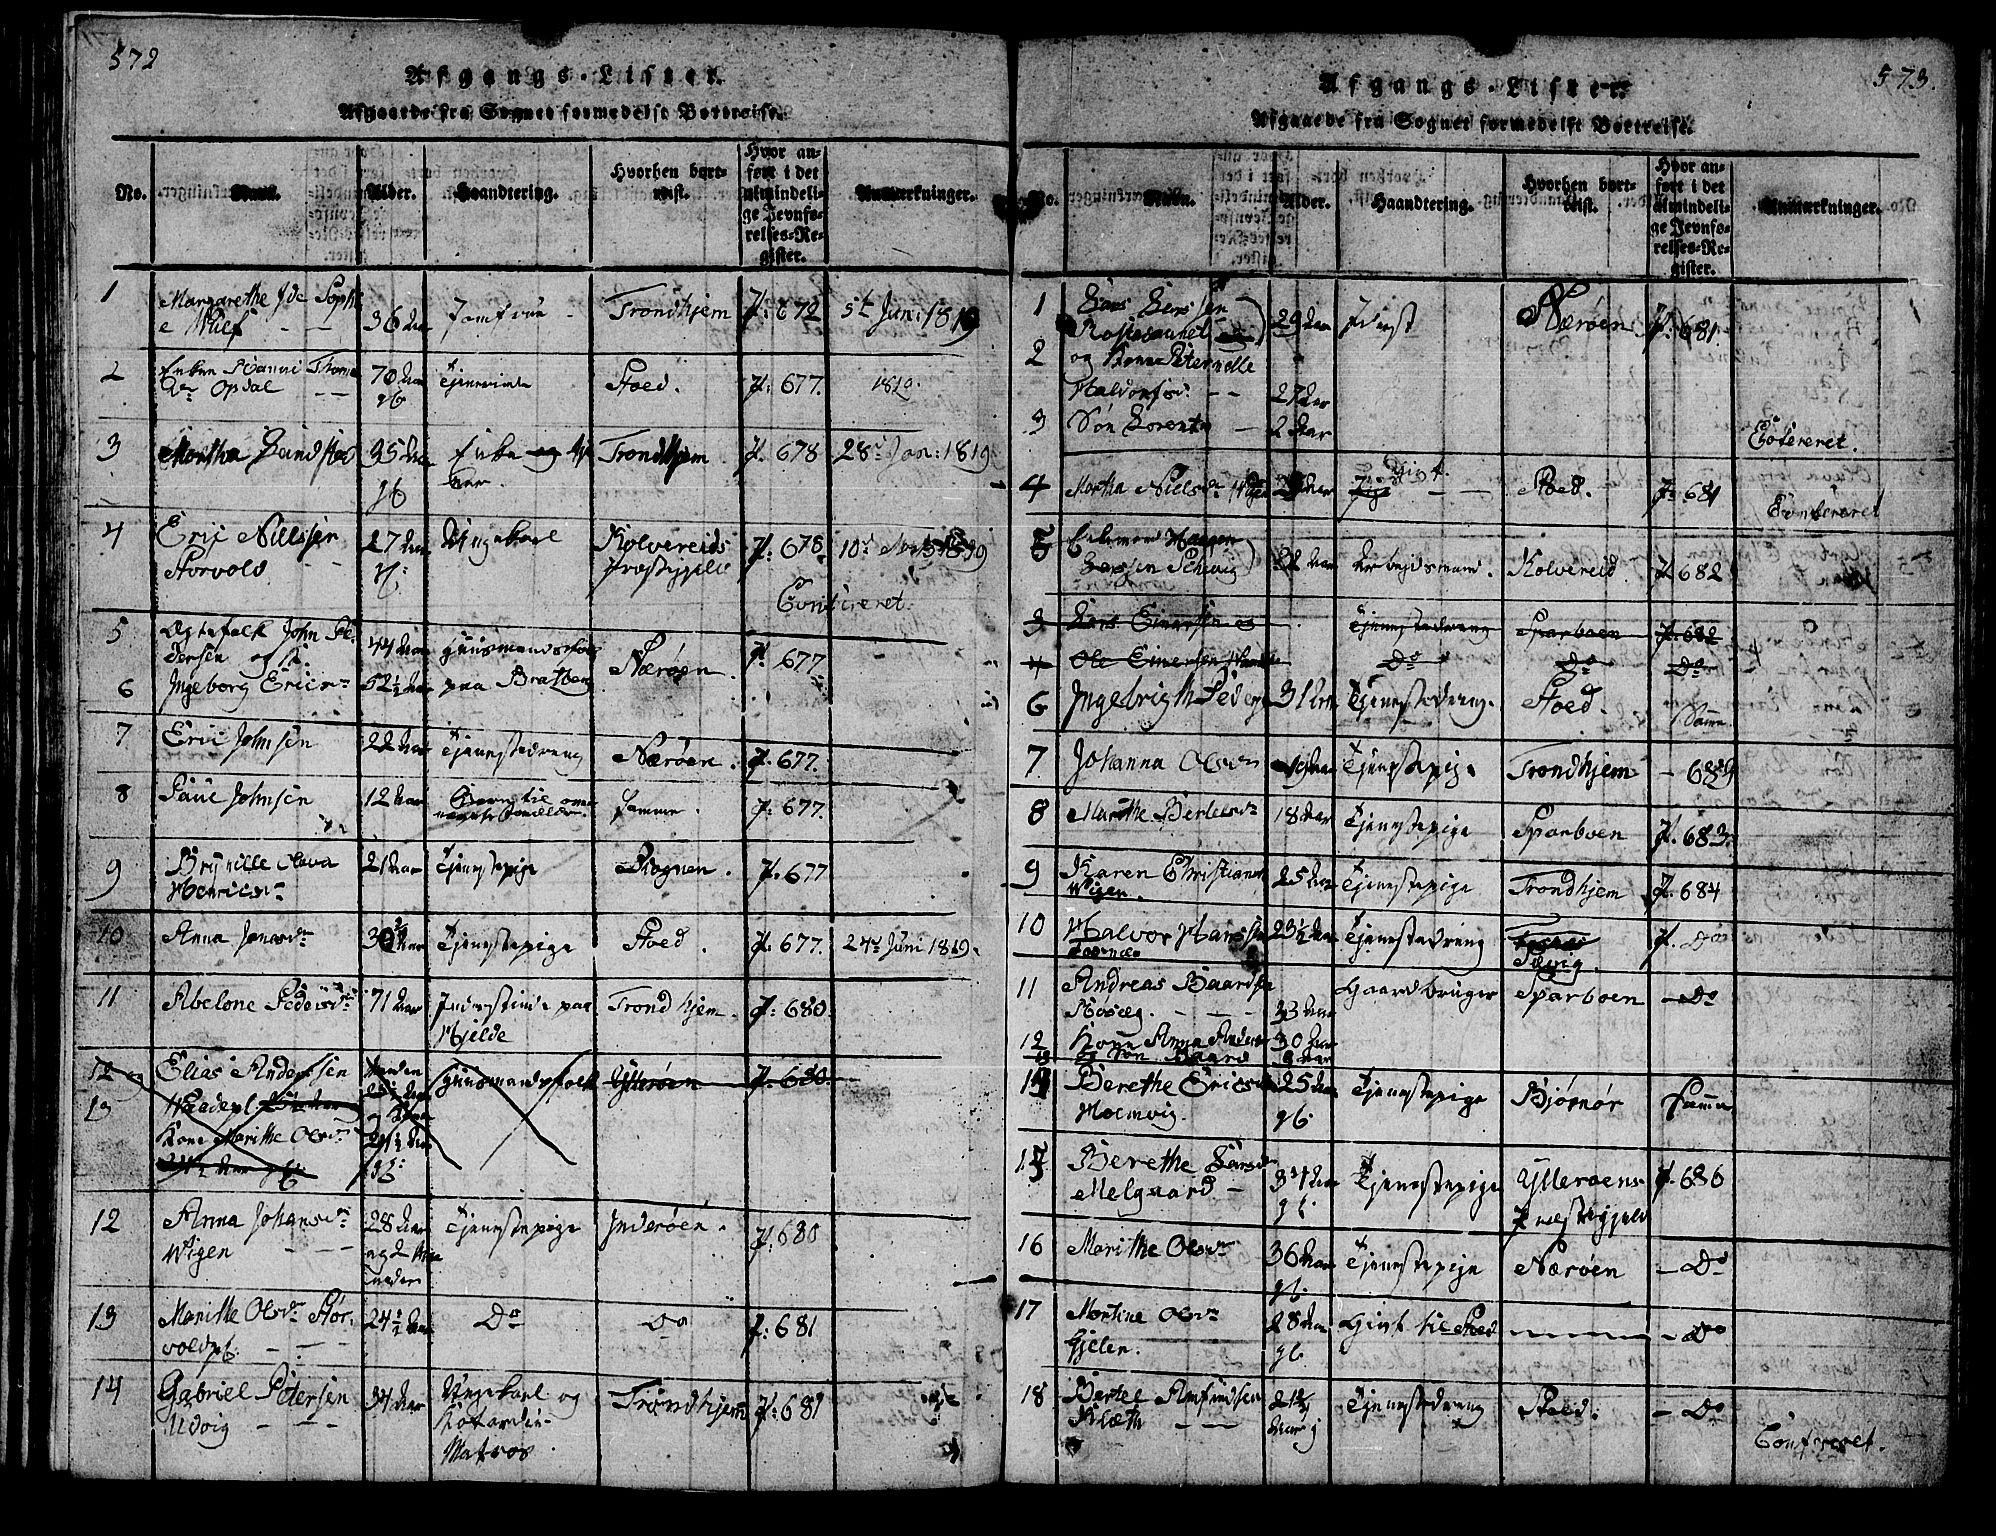 SAT, Ministerialprotokoller, klokkerbøker og fødselsregistre - Nord-Trøndelag, 741/L0400: Klokkerbok nr. 741C01, 1817-1825, s. 572-573